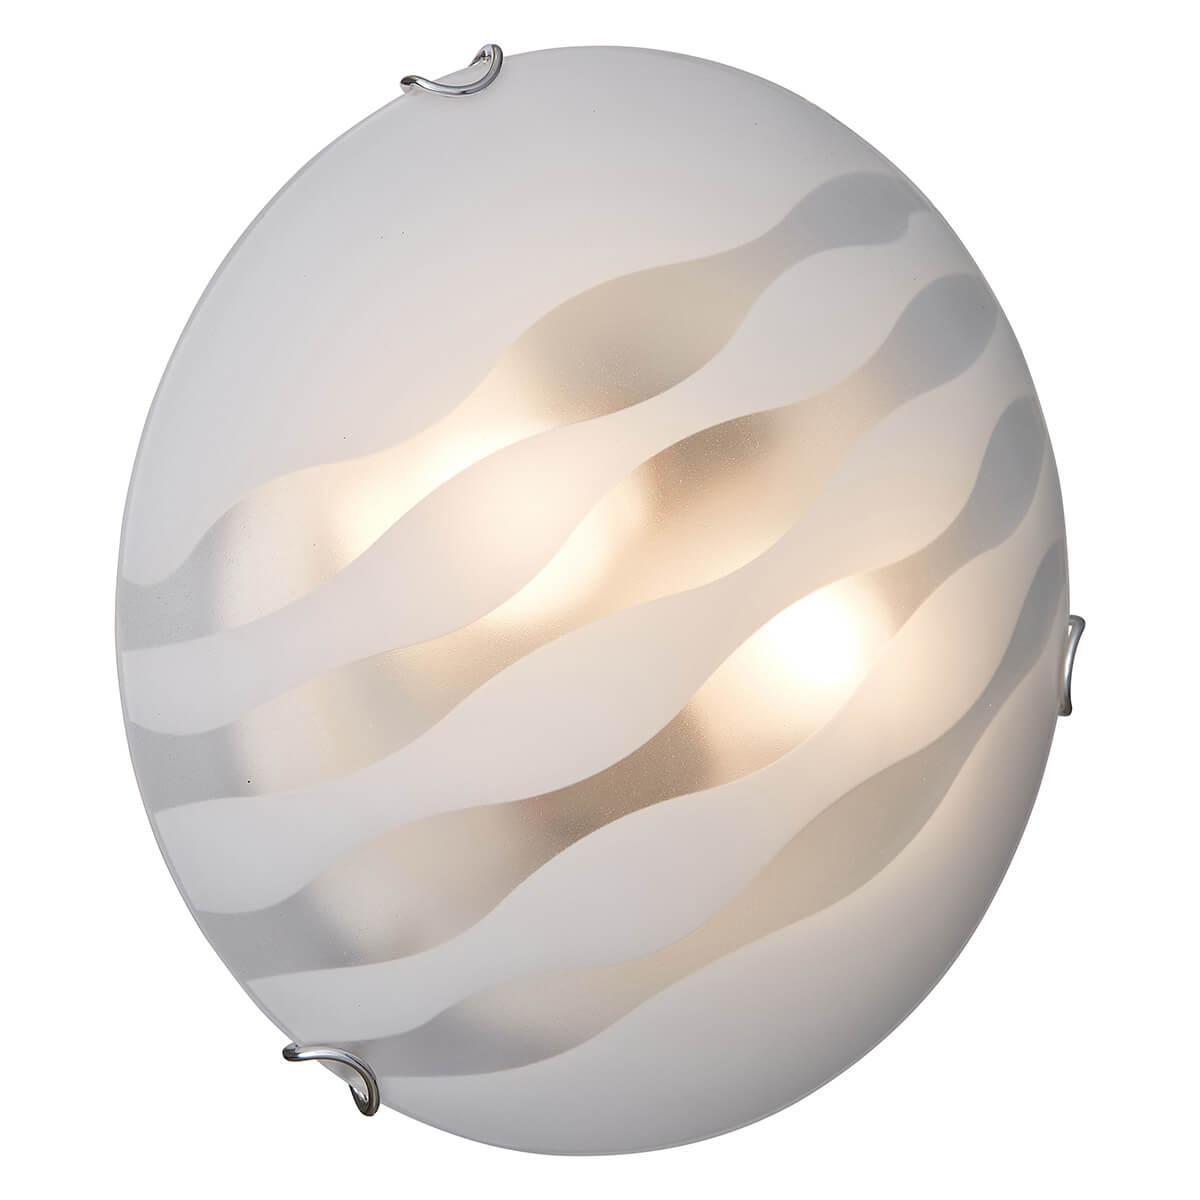 Потолочный светильник Sonex Ondina 233 цена